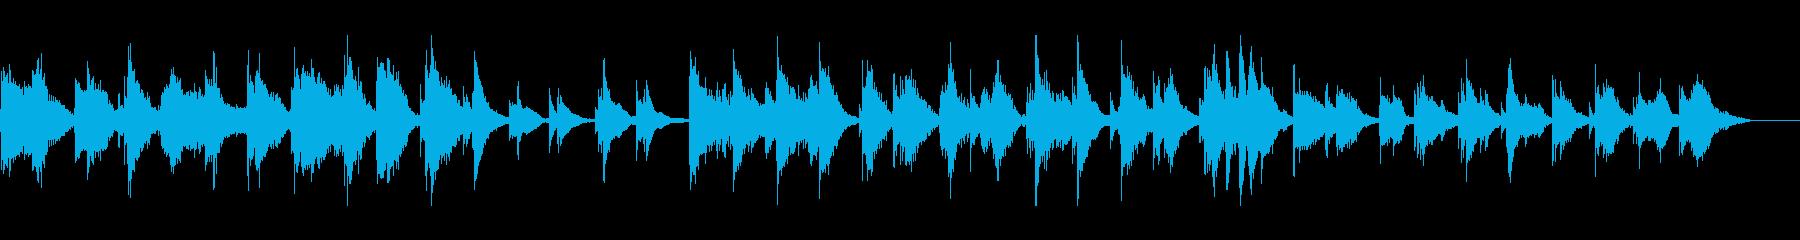 静けさの中に琴と尺八が鳴り響く楽曲の再生済みの波形